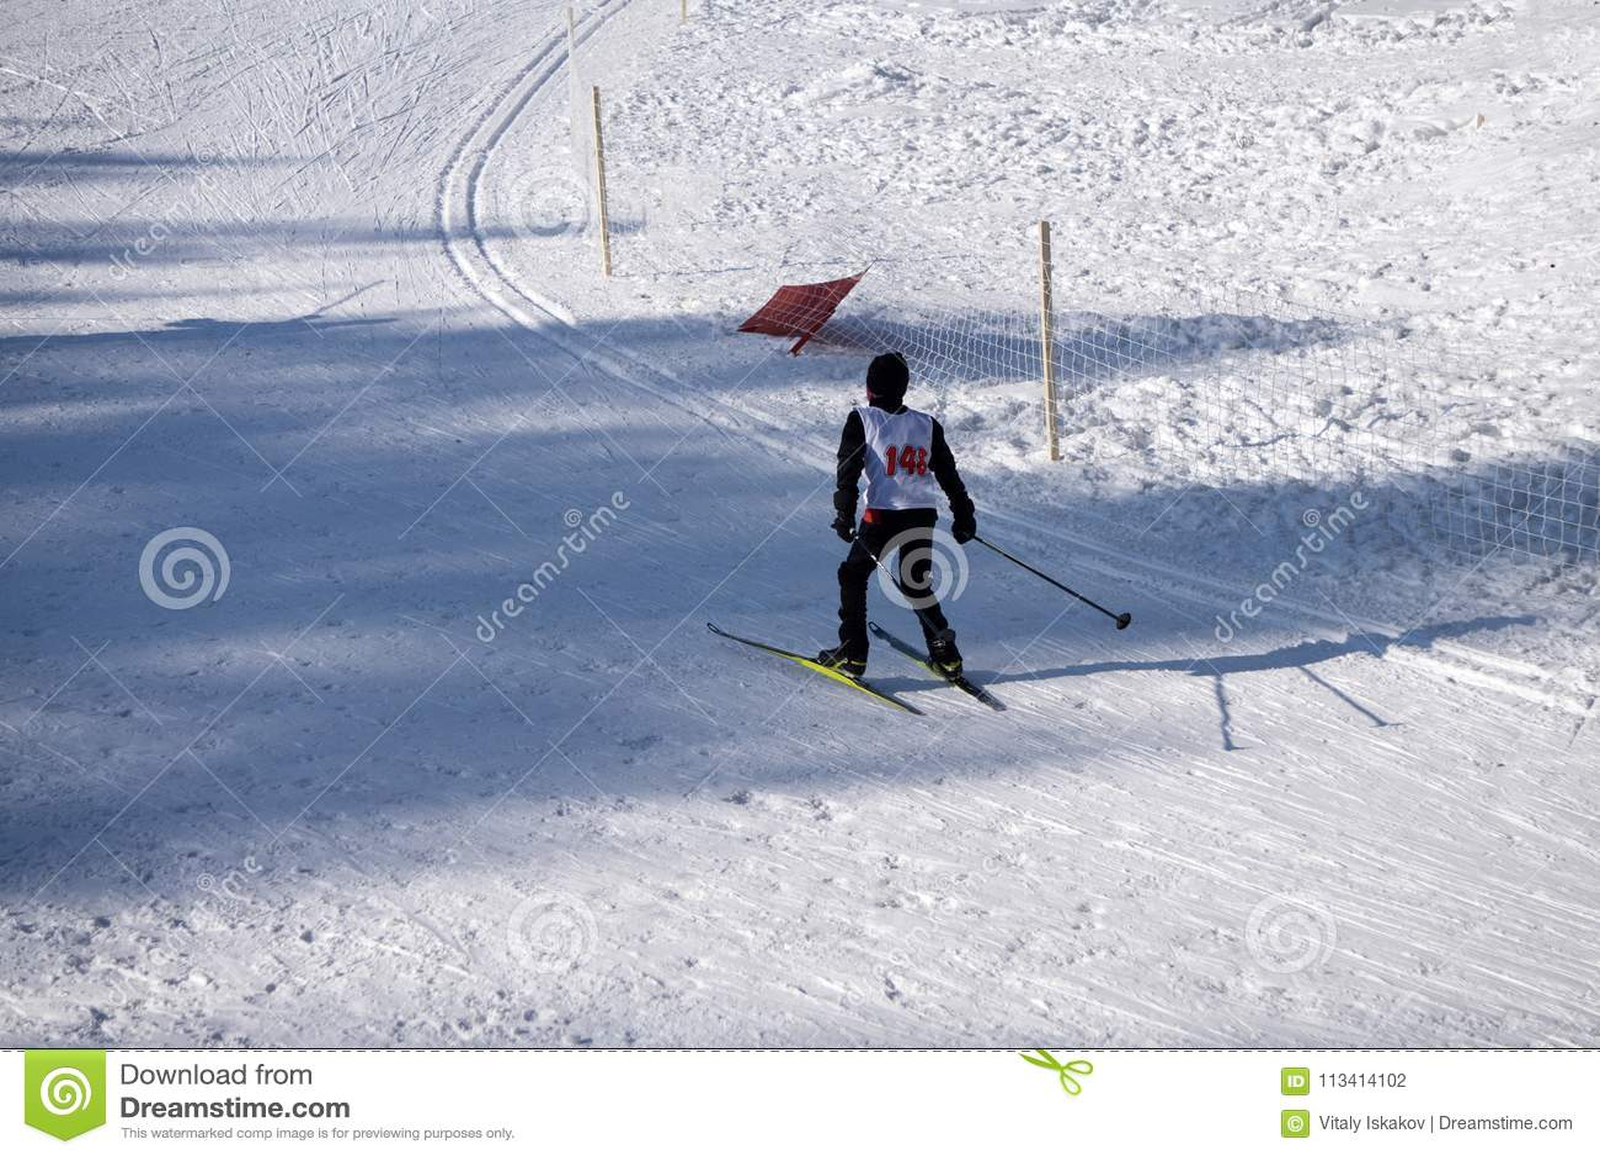 De ondergeschikte ski bergaf concurrentie wordt gehouden jaarlijks op de sneeuwskihellingen van de toevlucht van de de winterski